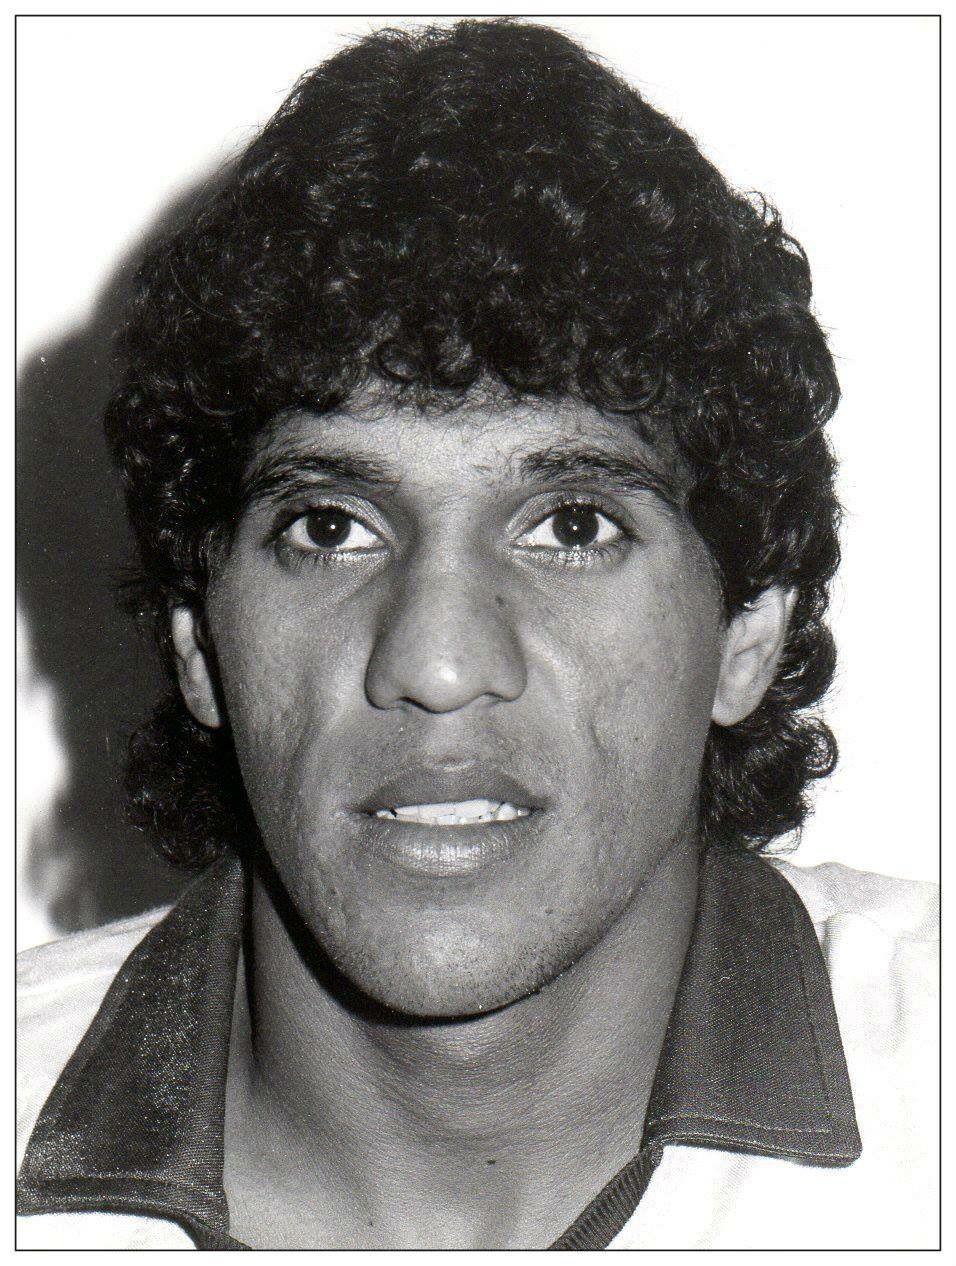 Gérson De Oliveira Nunes with regard to paulo silas   ex-jogadores da seleção brasileira de futebol